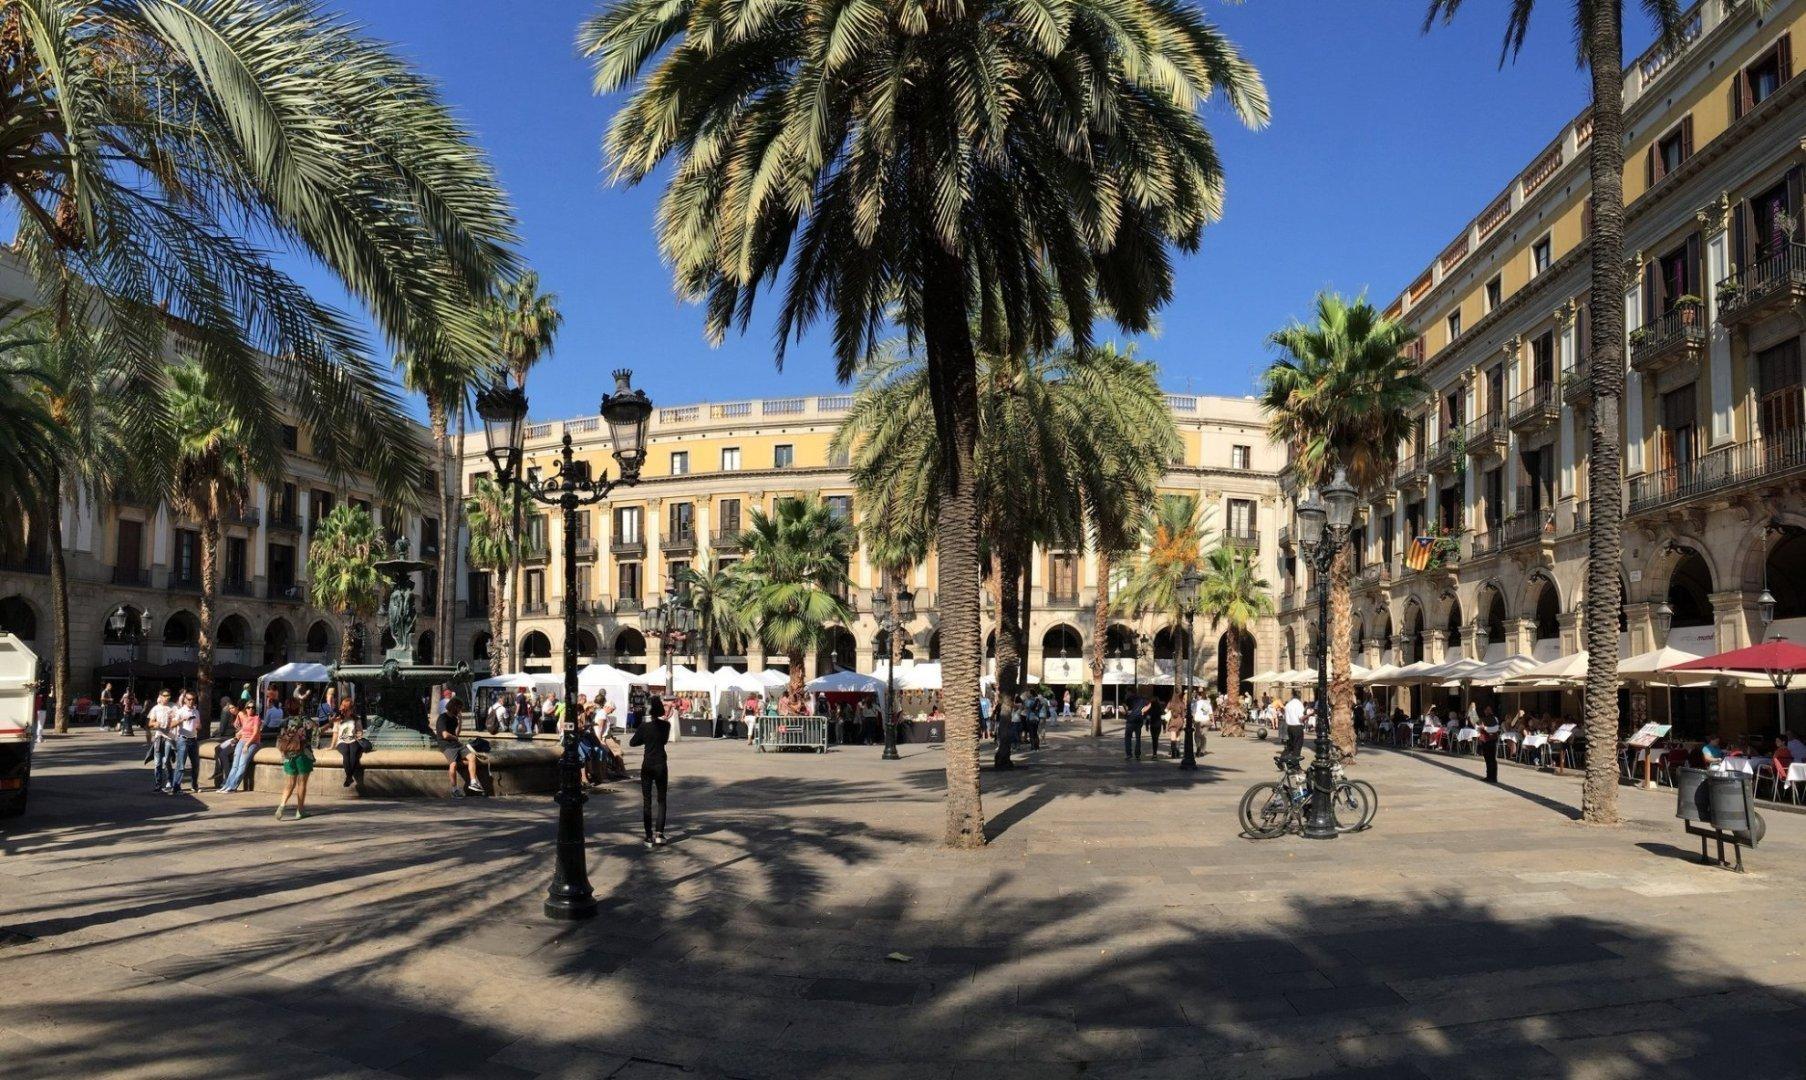 The Plaça Reial | © TJ DeGroat